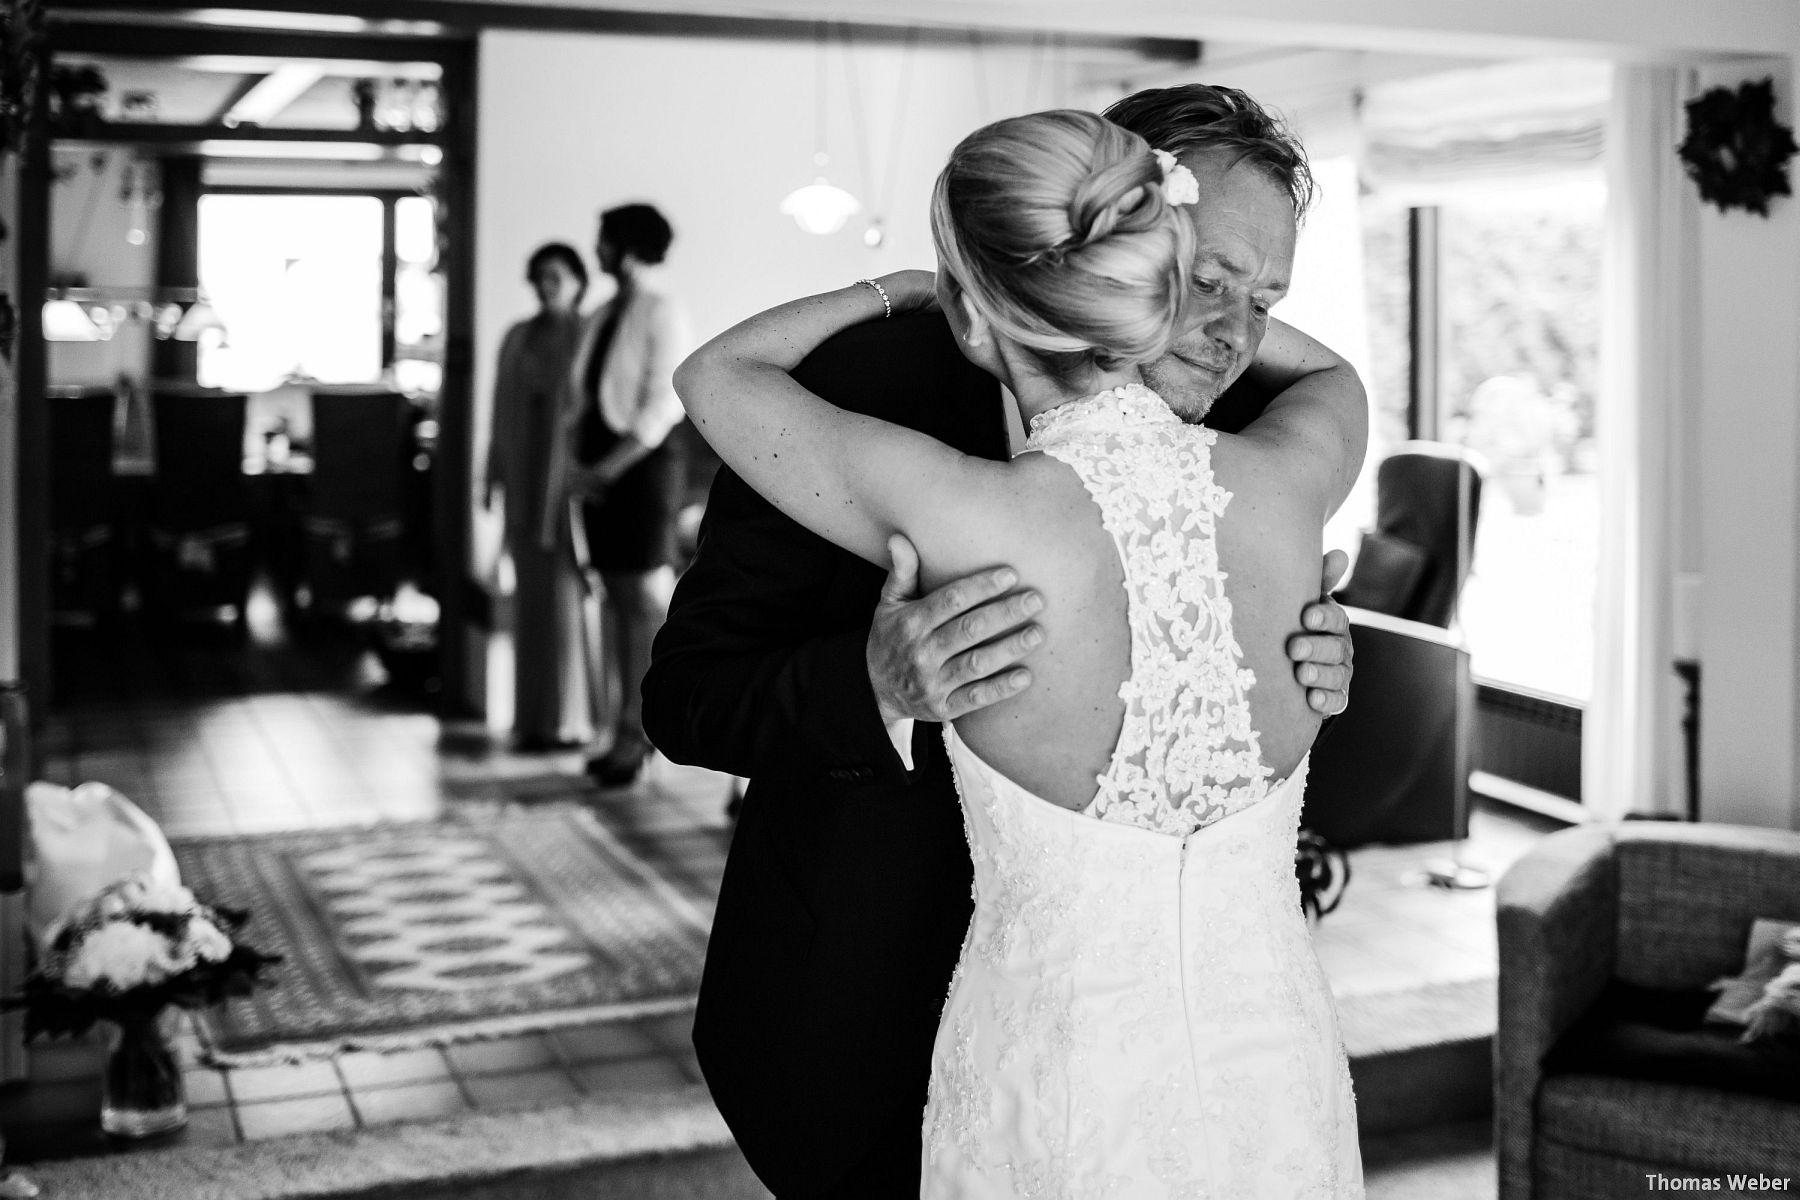 Hochzeitsfotograf Thomas Weber aus Oldenburg (15)